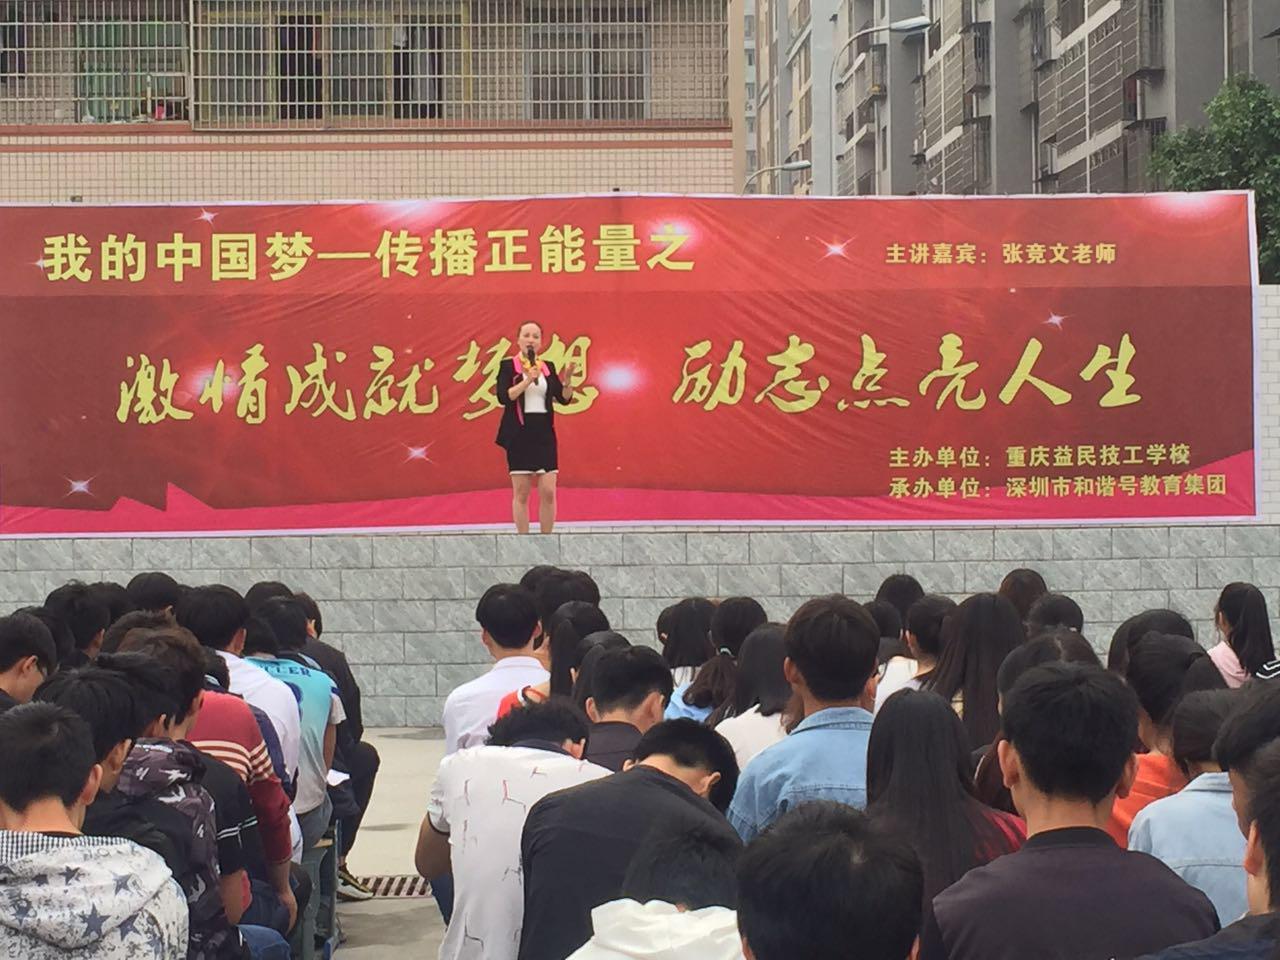 重庆益民技工学校《激情成就梦想,励志点亮人生》全国巡讲